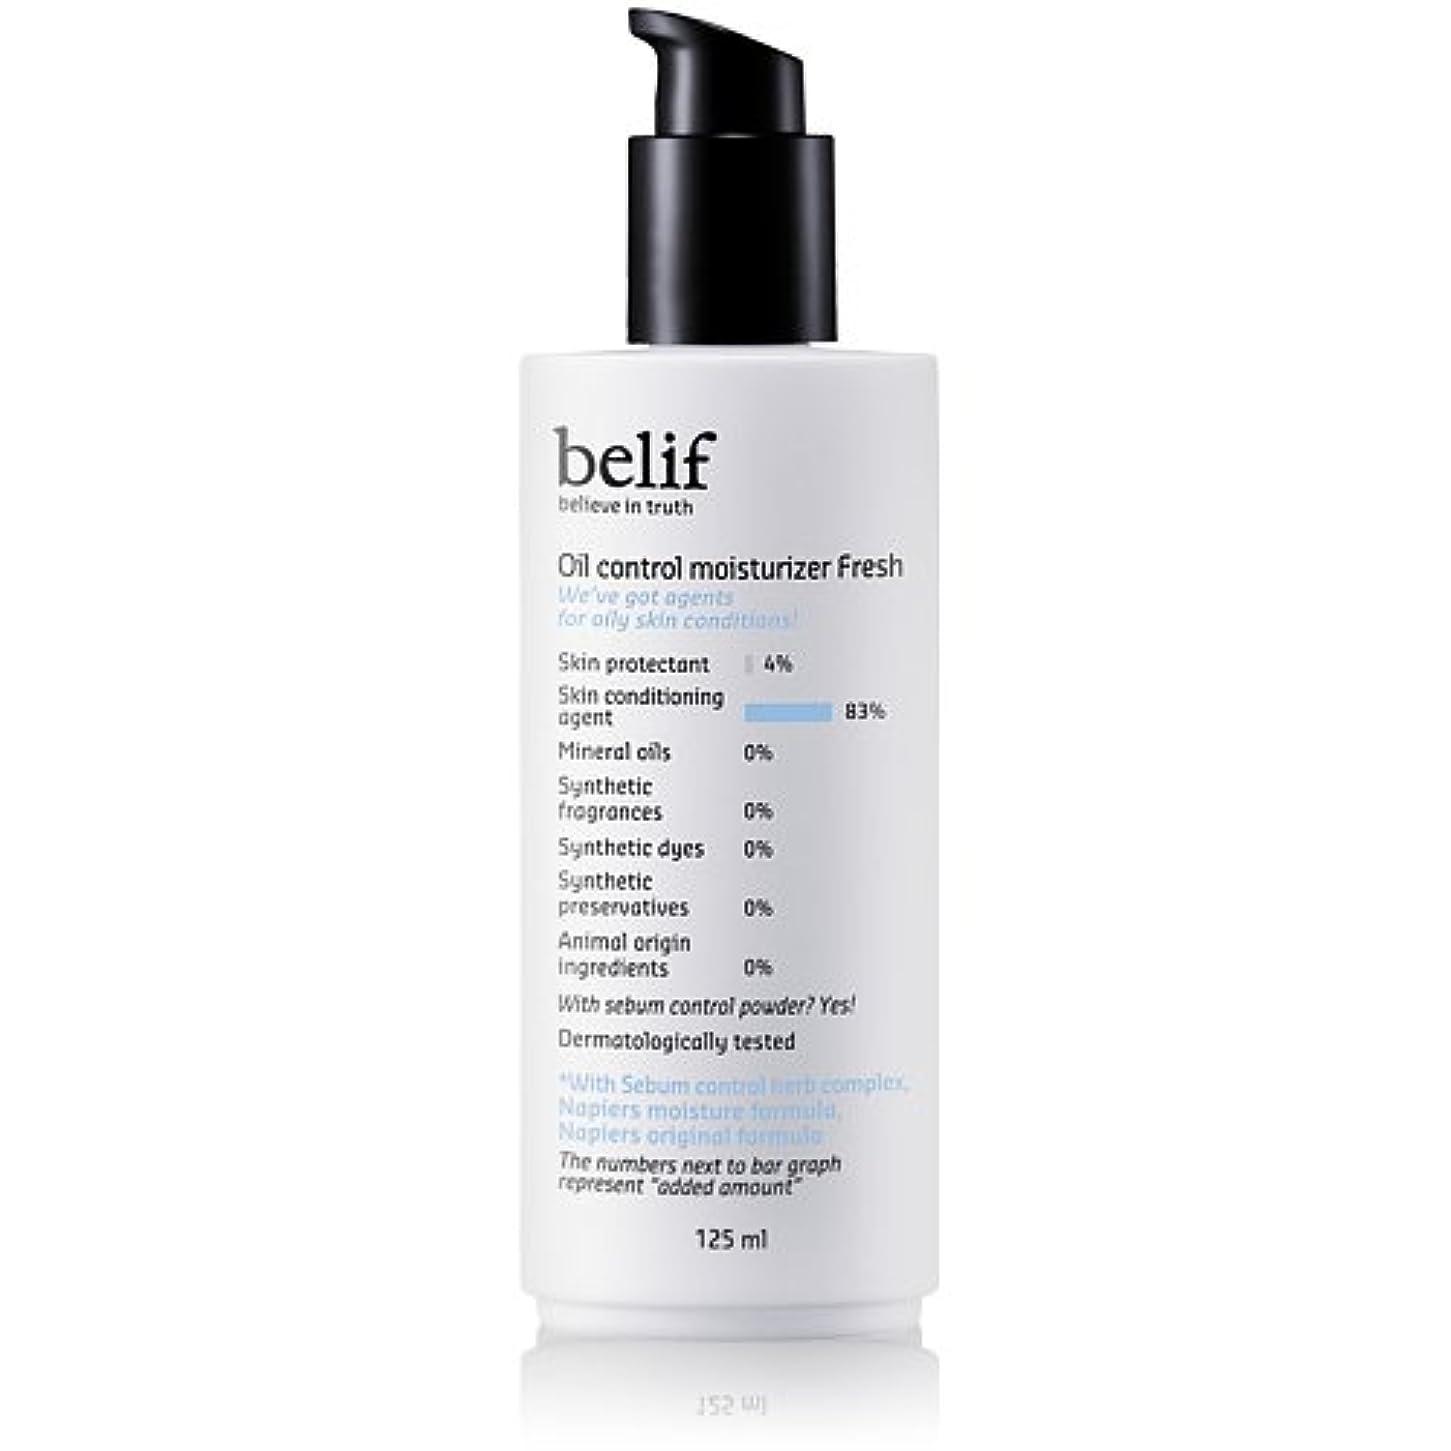 ディスク開発アクセスできないBelif(ビリーフ)Oil control moisturizer fresh 125ml/ビリーフオイルコントロールモイスチャライザーフレッシュ?脂性肌用[韓国コスメ/オーガニックコスメ]